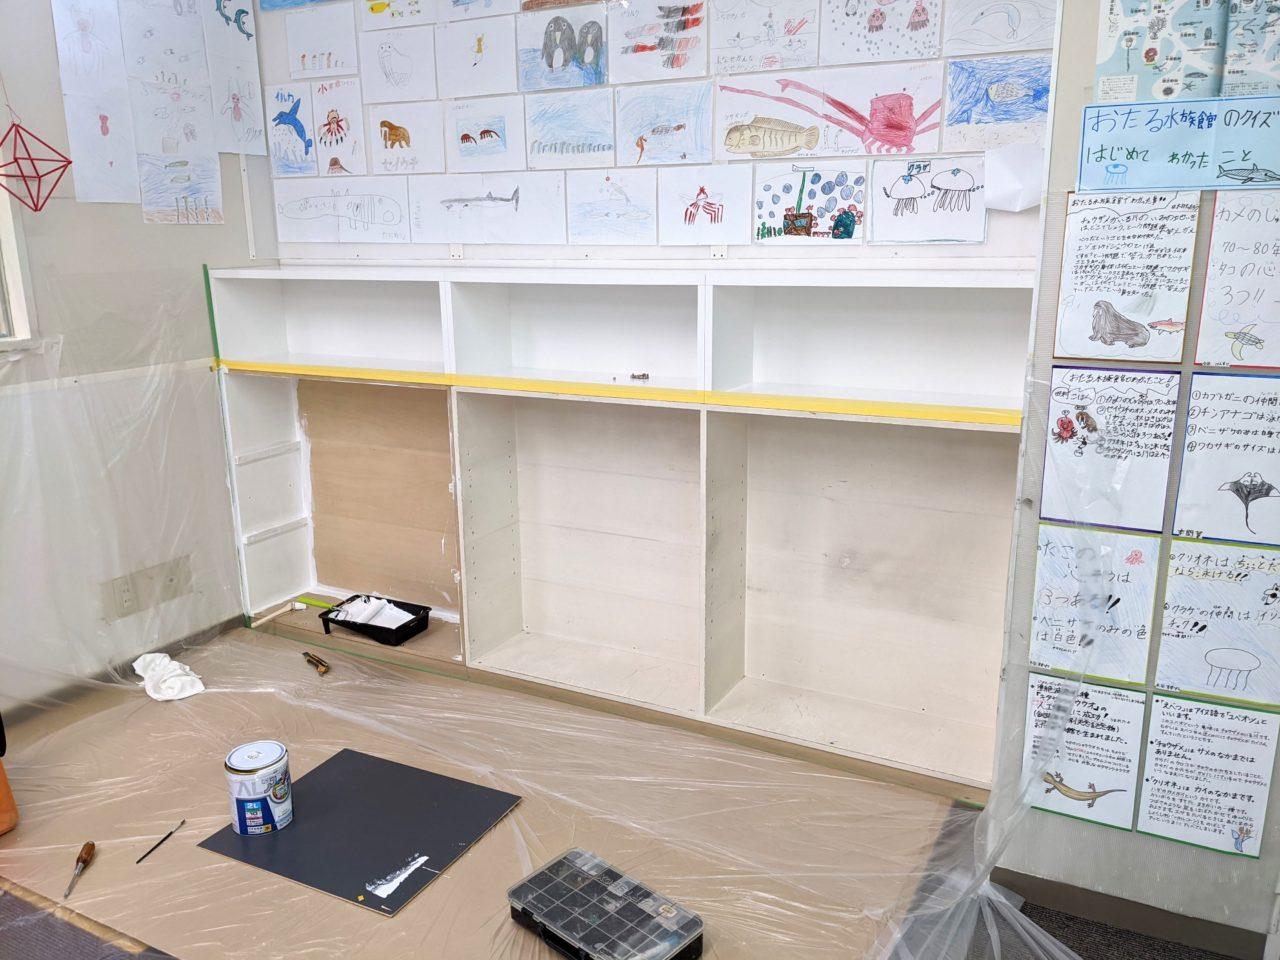 オーダー頂きましたジュニアクラブさんのランドセル置き棚と、既存収納の塗装を行いました。